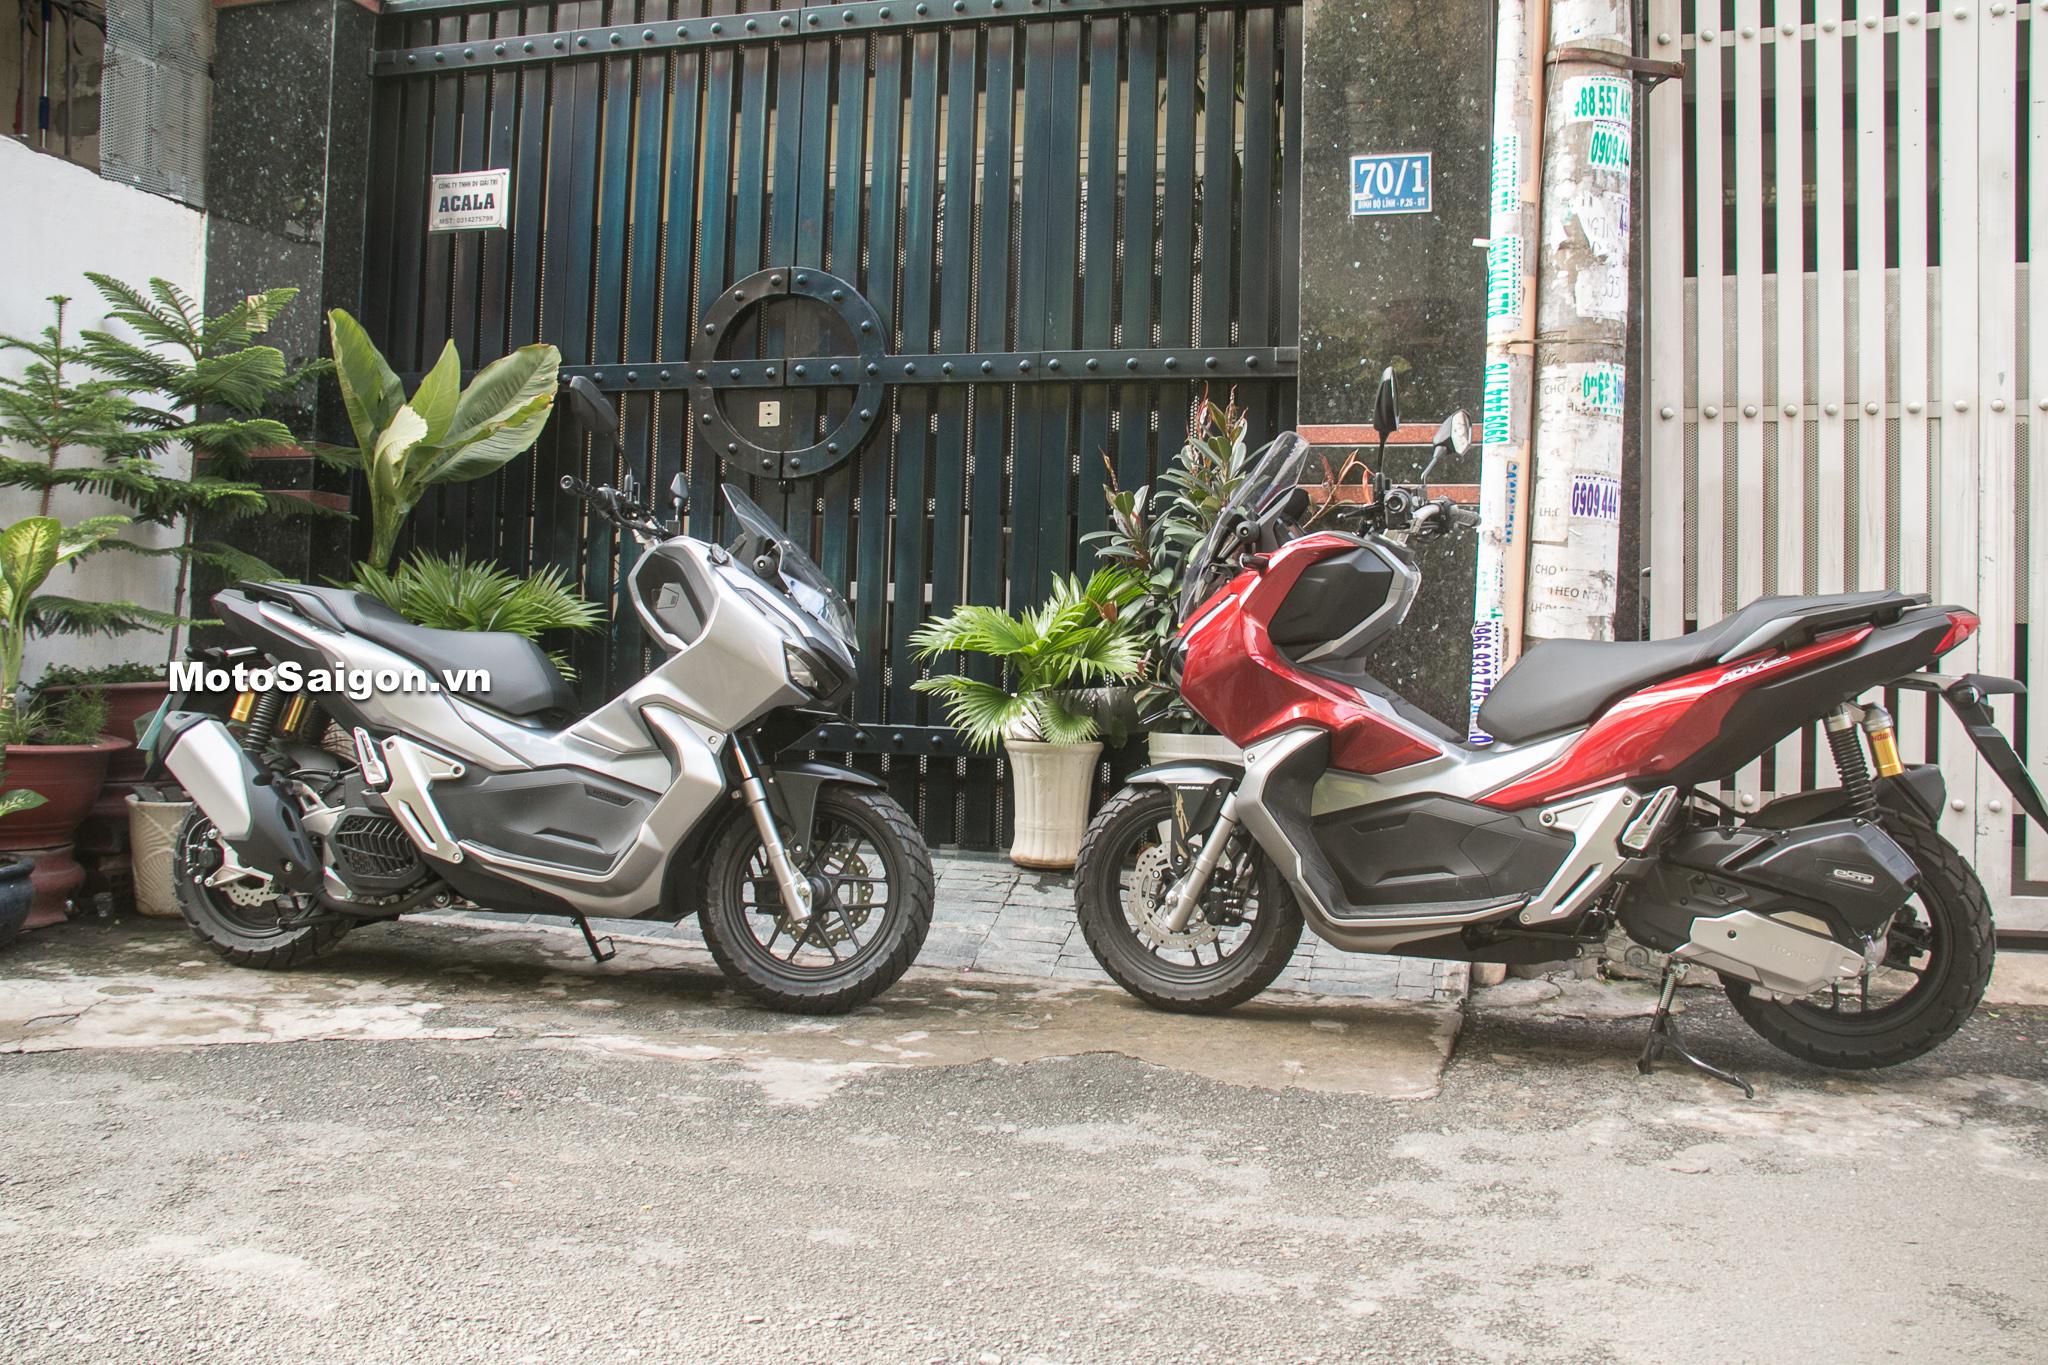 Đánh giá xe Honda ADV 150 CBS & ABS giá bán